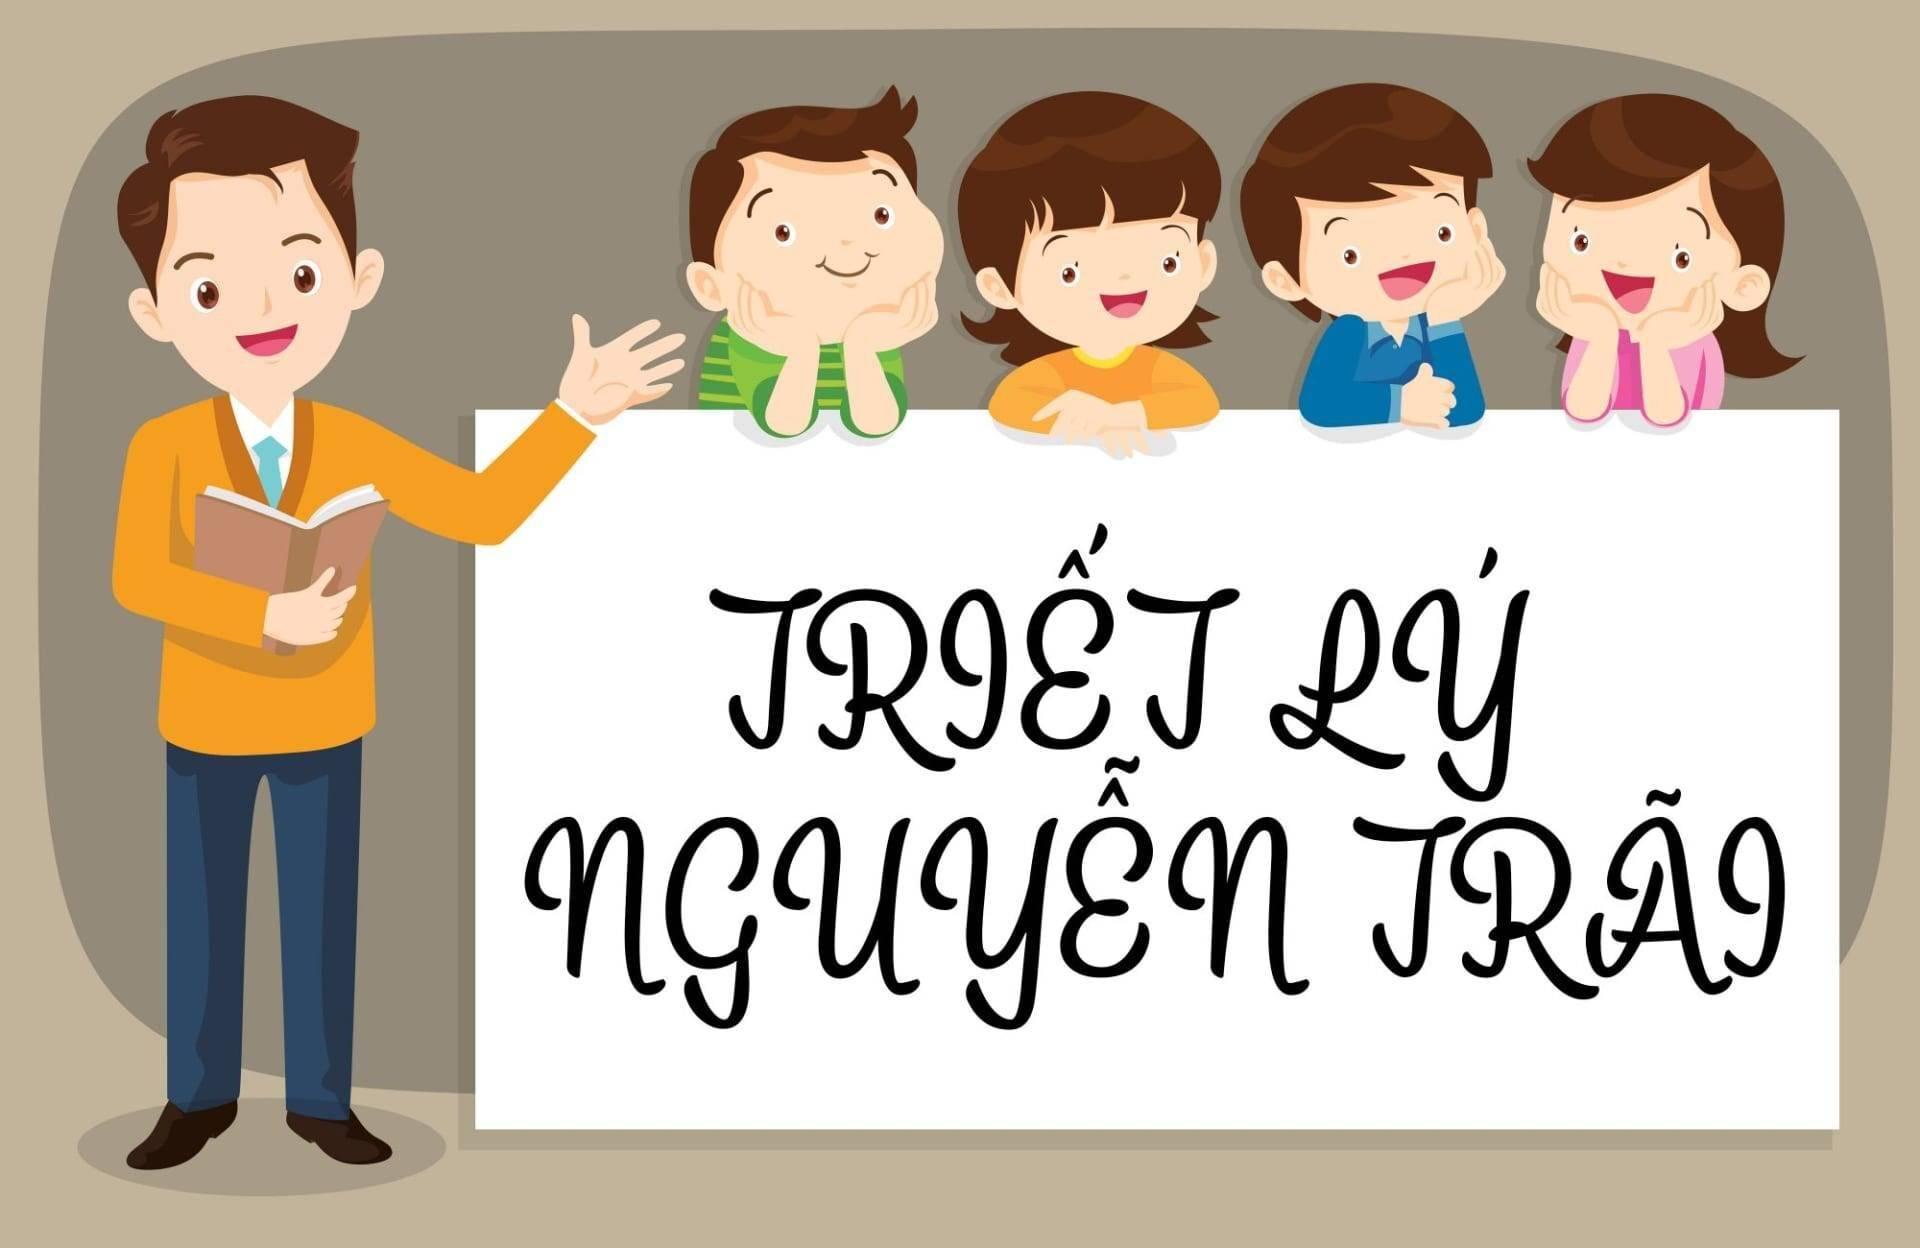 Từ triết lí thế sự của Nguyễn Trãi trong câu thơ dưới đây, anh/chị hãy trình bày suy nghĩ của mình về ý nghĩa của việc chuyên cần học tập